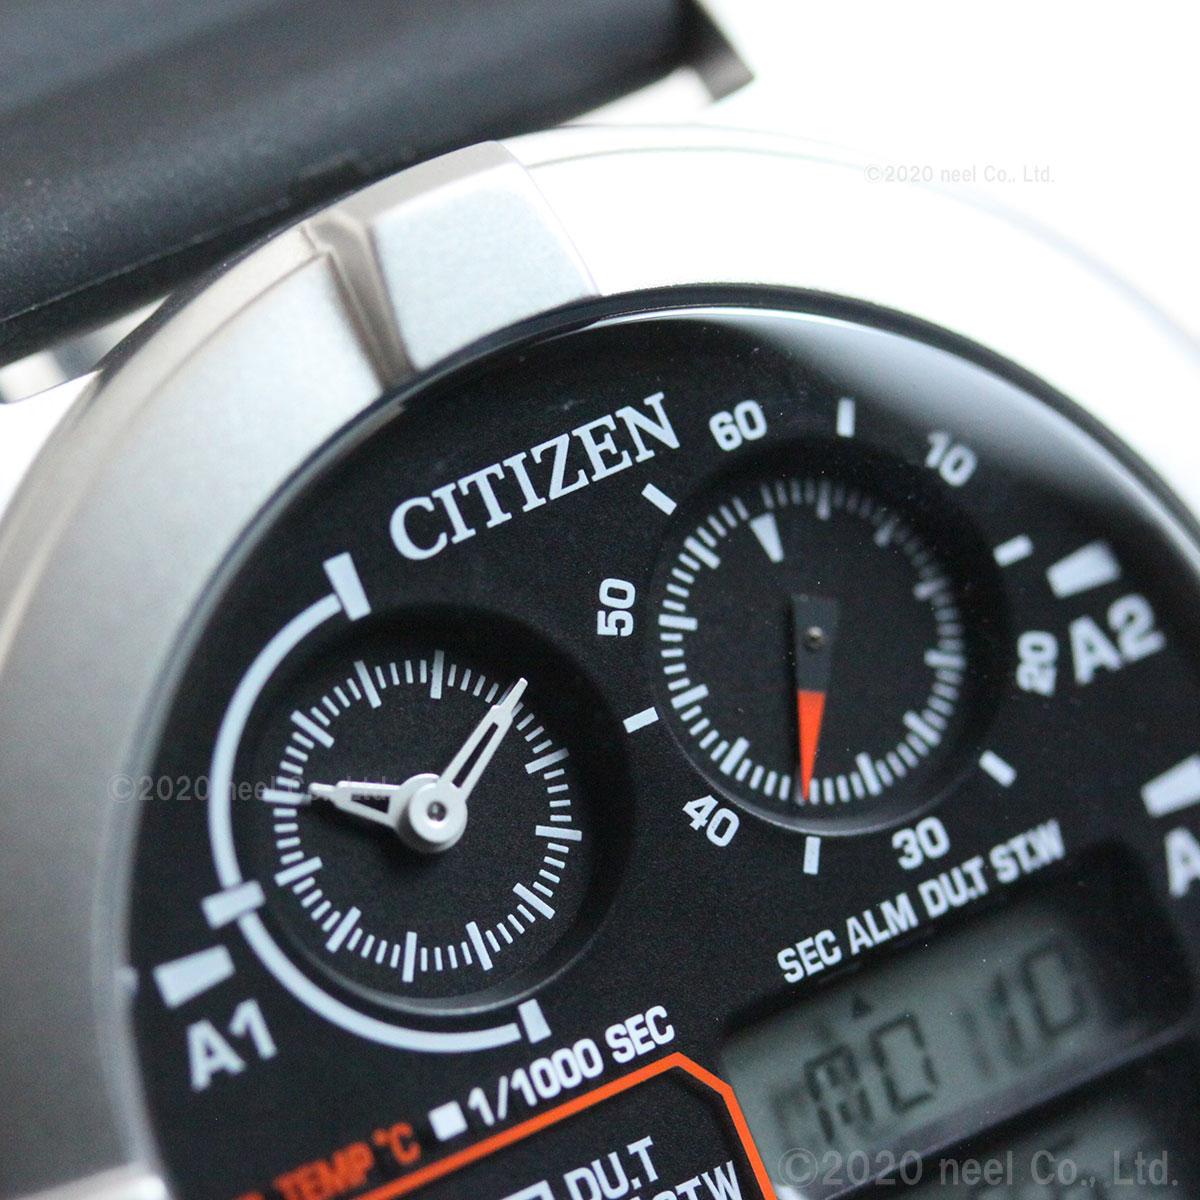 シチズン アナデジテンプ CITIZEN ANA-DIGI TEMP 特定店取扱いモデル 腕時計 メンズ レディース JG0070-11E